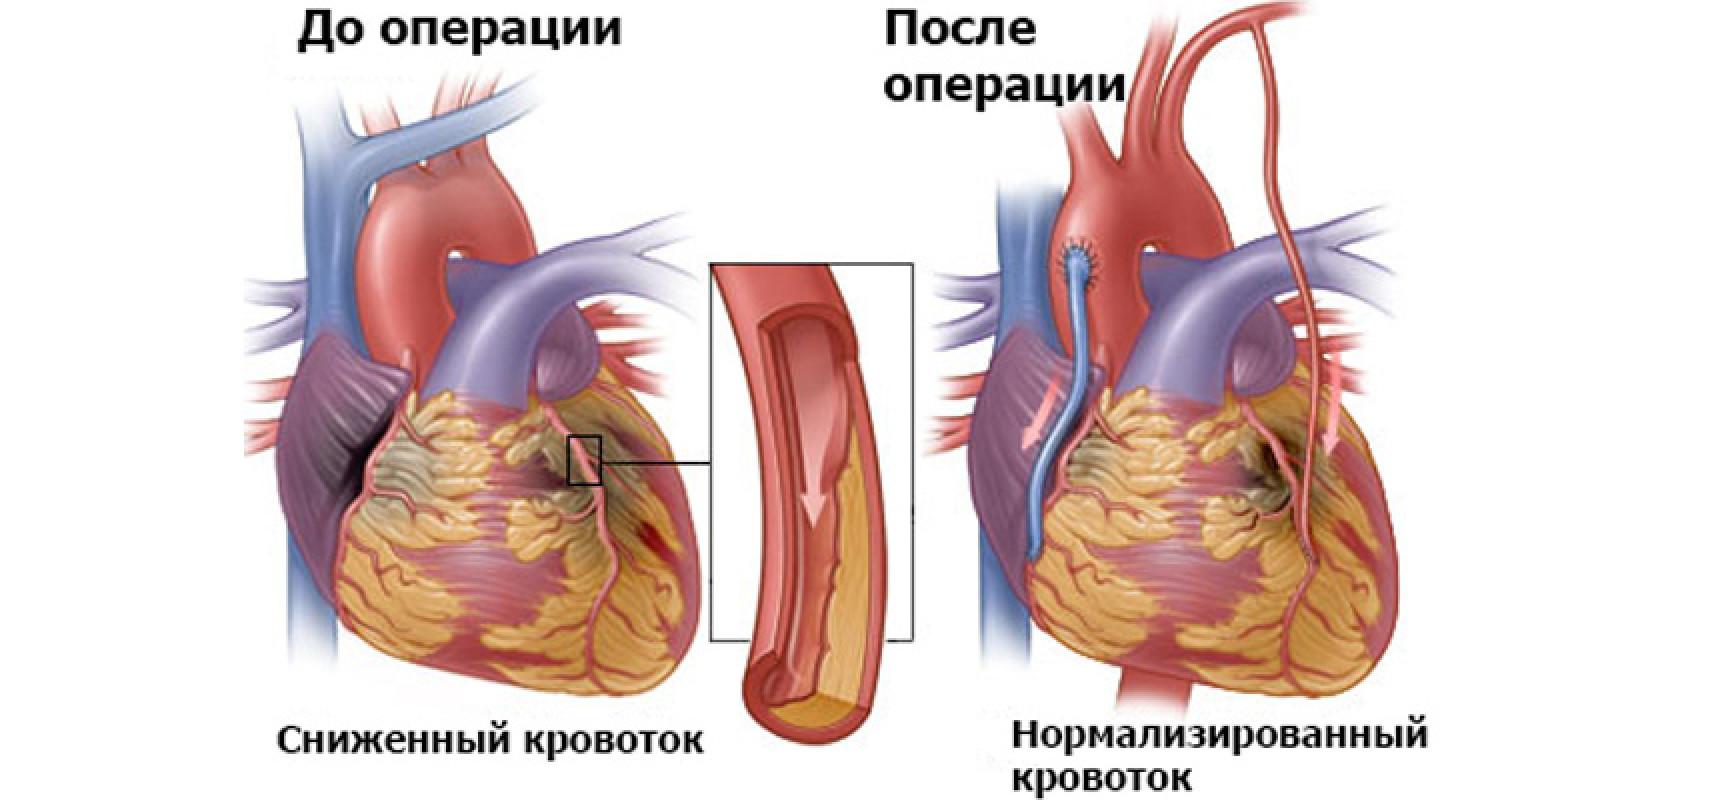 Хороший анализ сахара и холестерина в крови